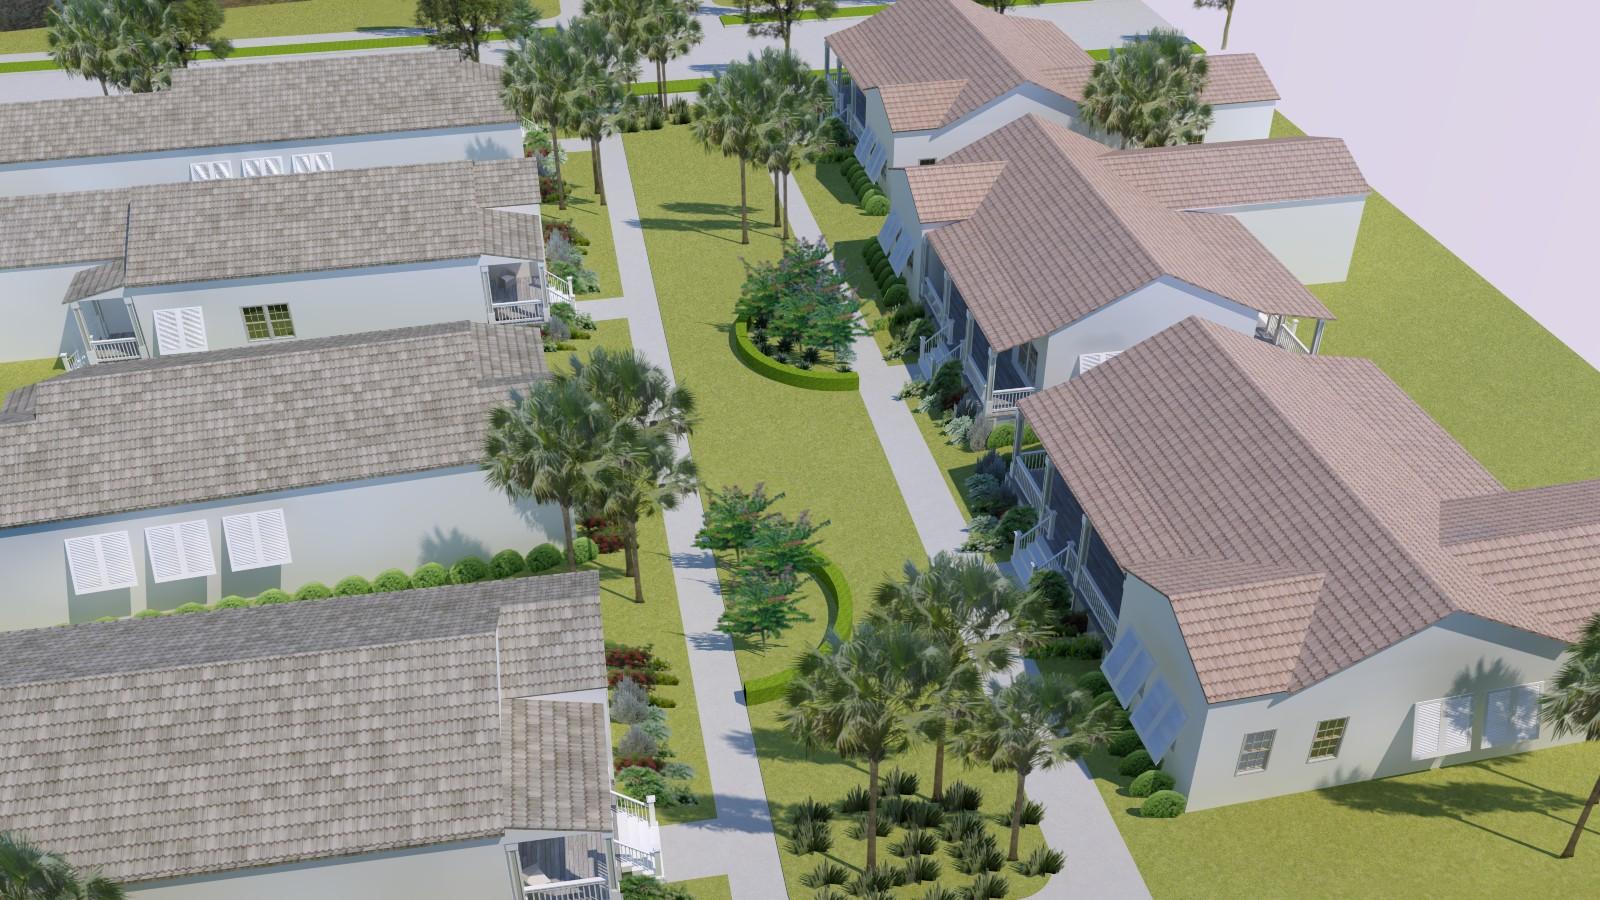 Model Home-Area 2018-06-24 23435600000.jpg